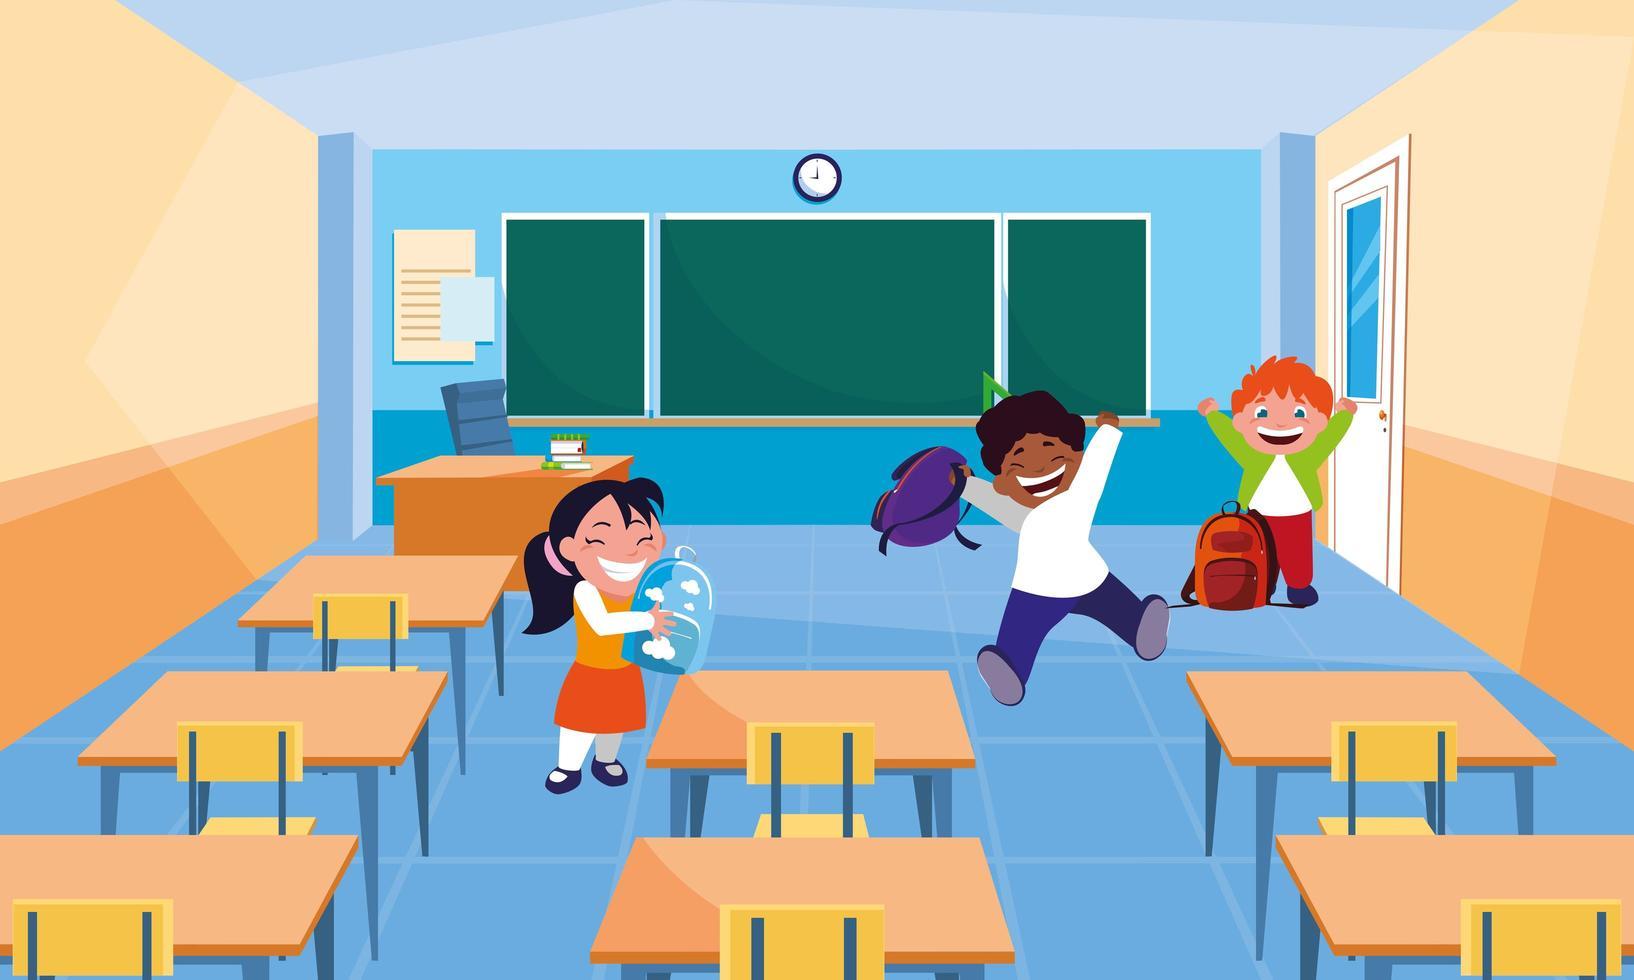 pequeños estudiantes niños en el aula vector